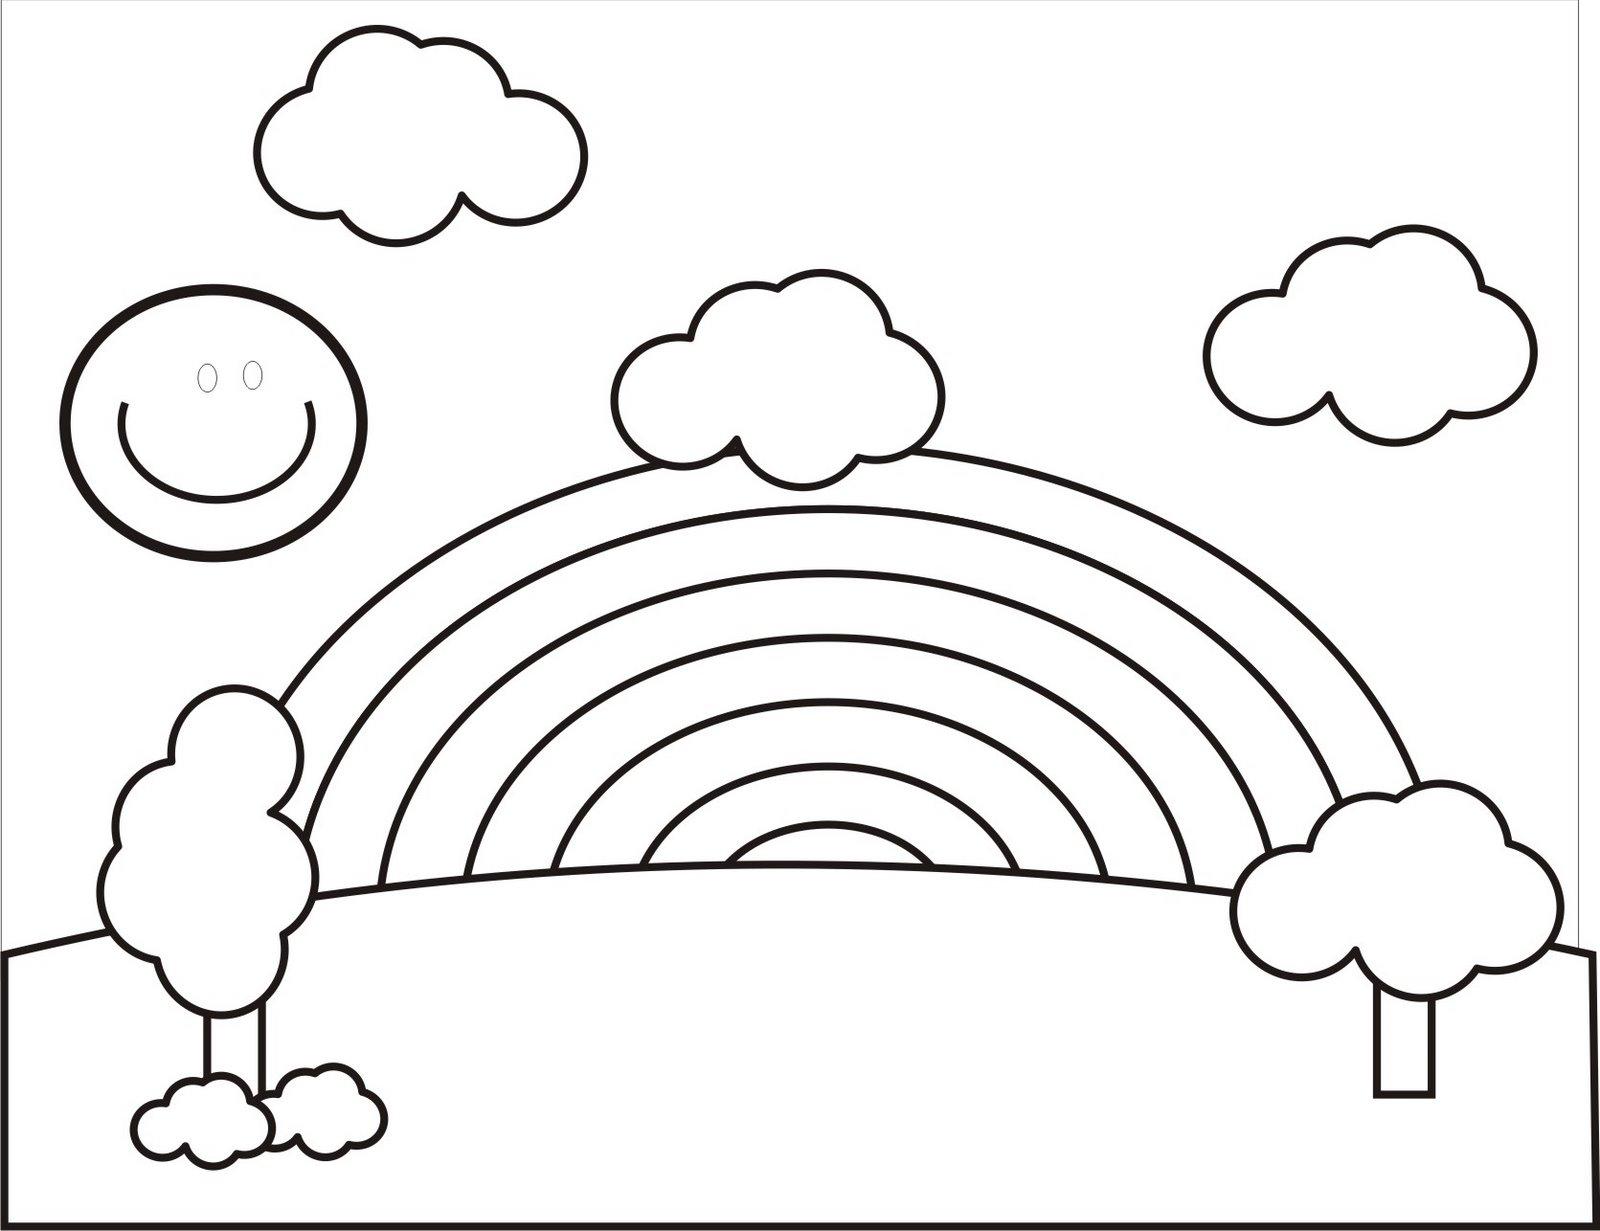 Primavera disegni per bambini da colorare for Paesaggi facili da disegnare